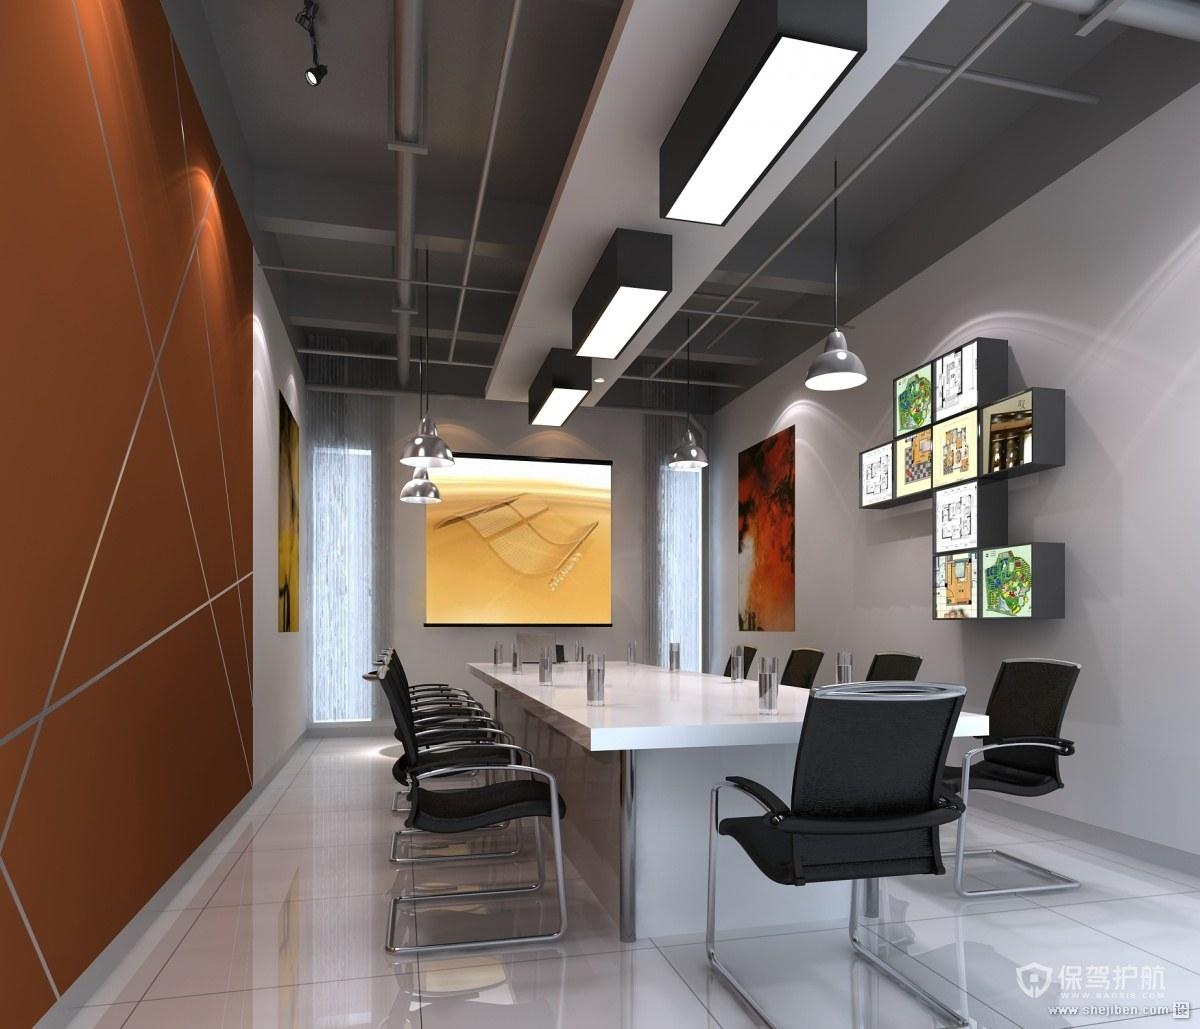 现代长方形开放式办公室设计图